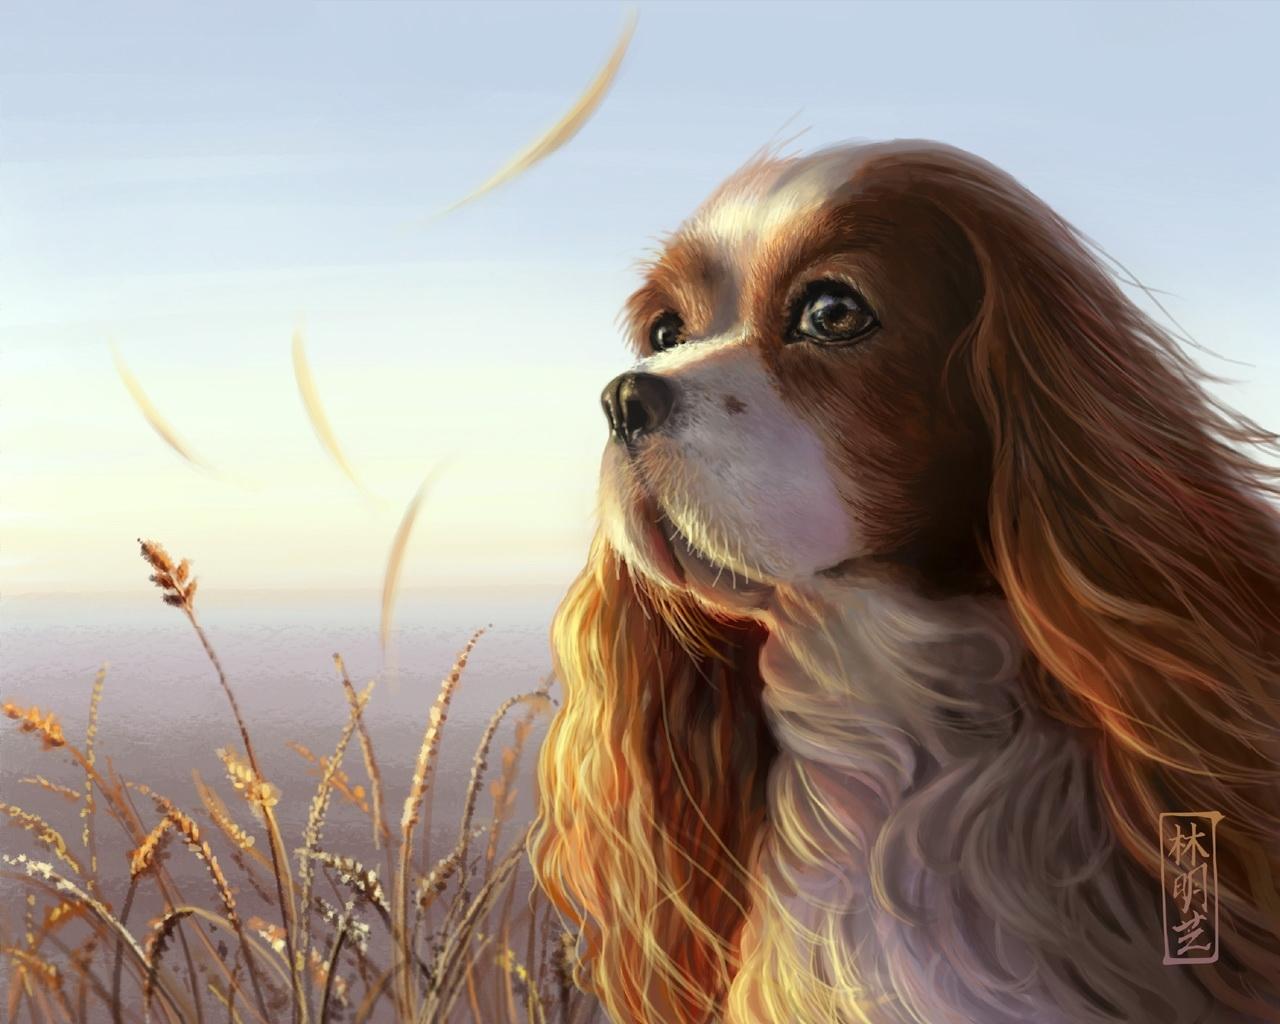 9948 descargar fondo de pantalla Animales, Perros, Imágenes: protectores de pantalla e imágenes gratis